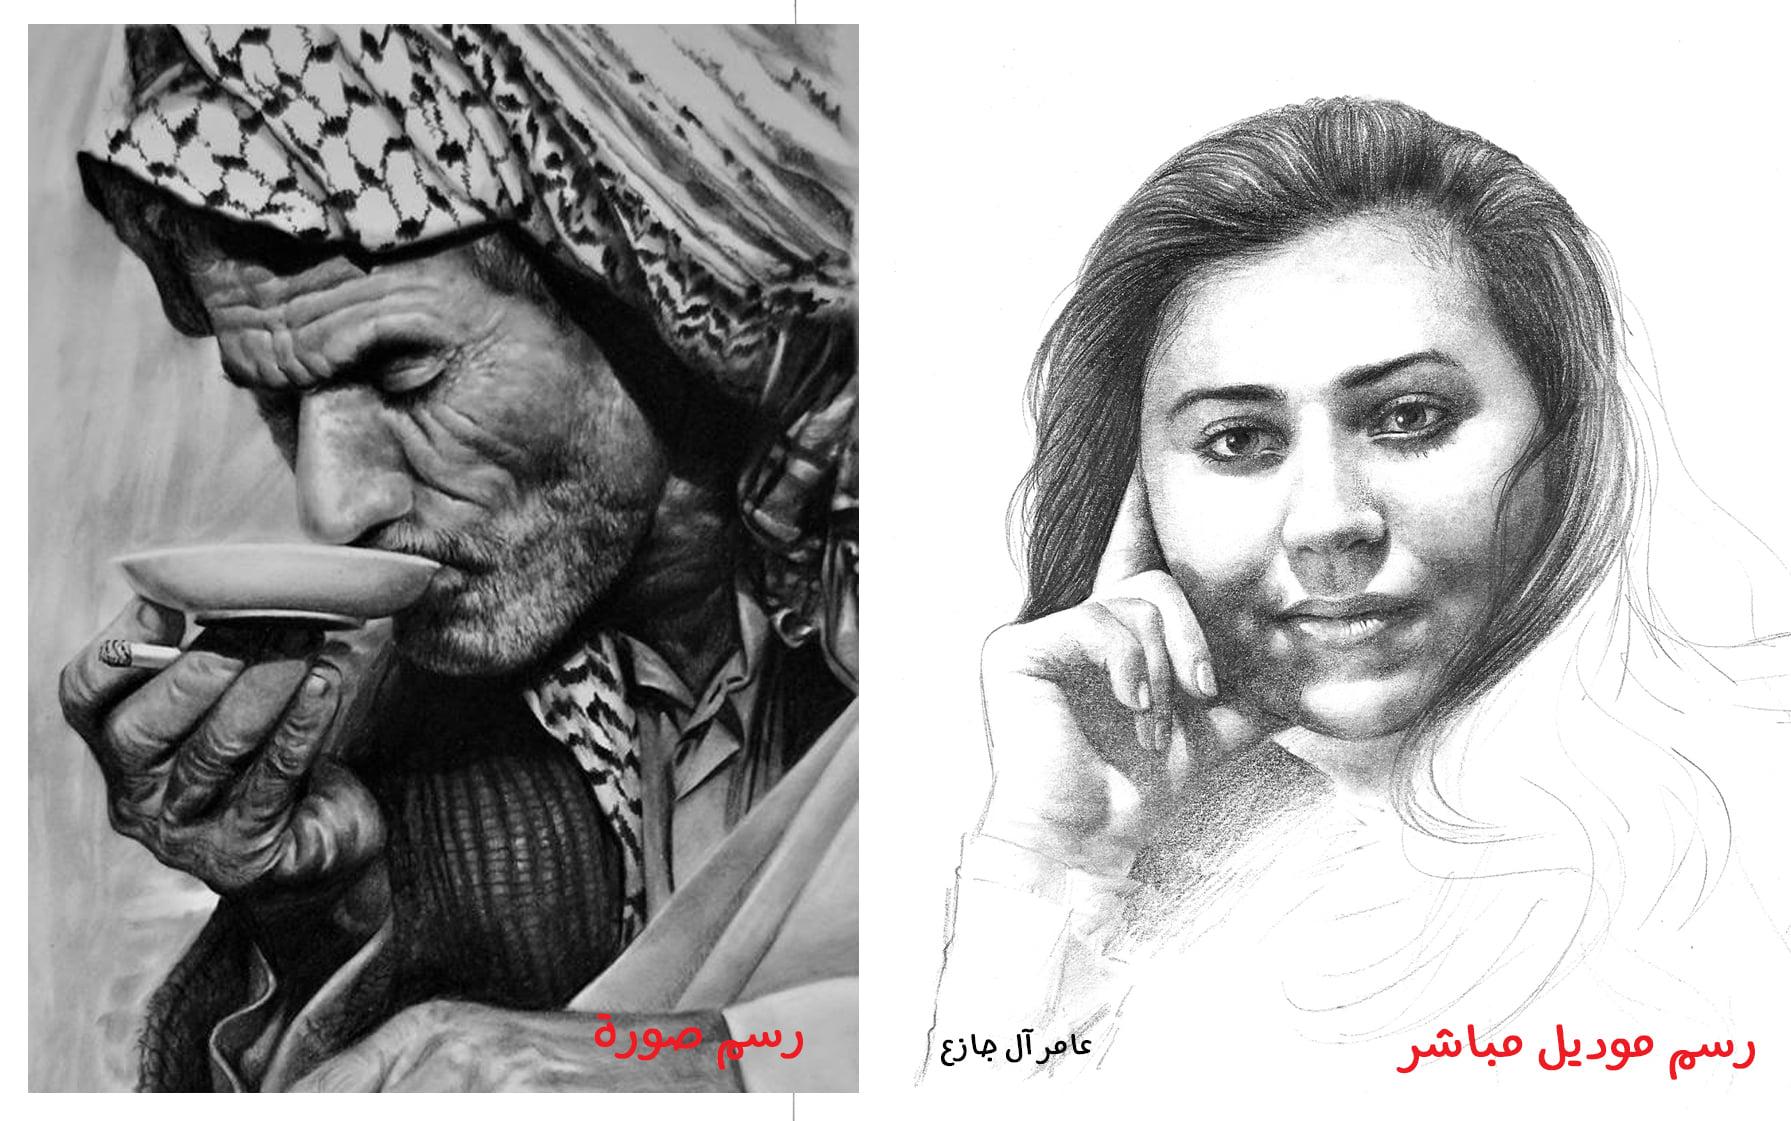 رسم موديل ام الرسم عن صورة او لوحة، ايهما أكثر ابداعاً